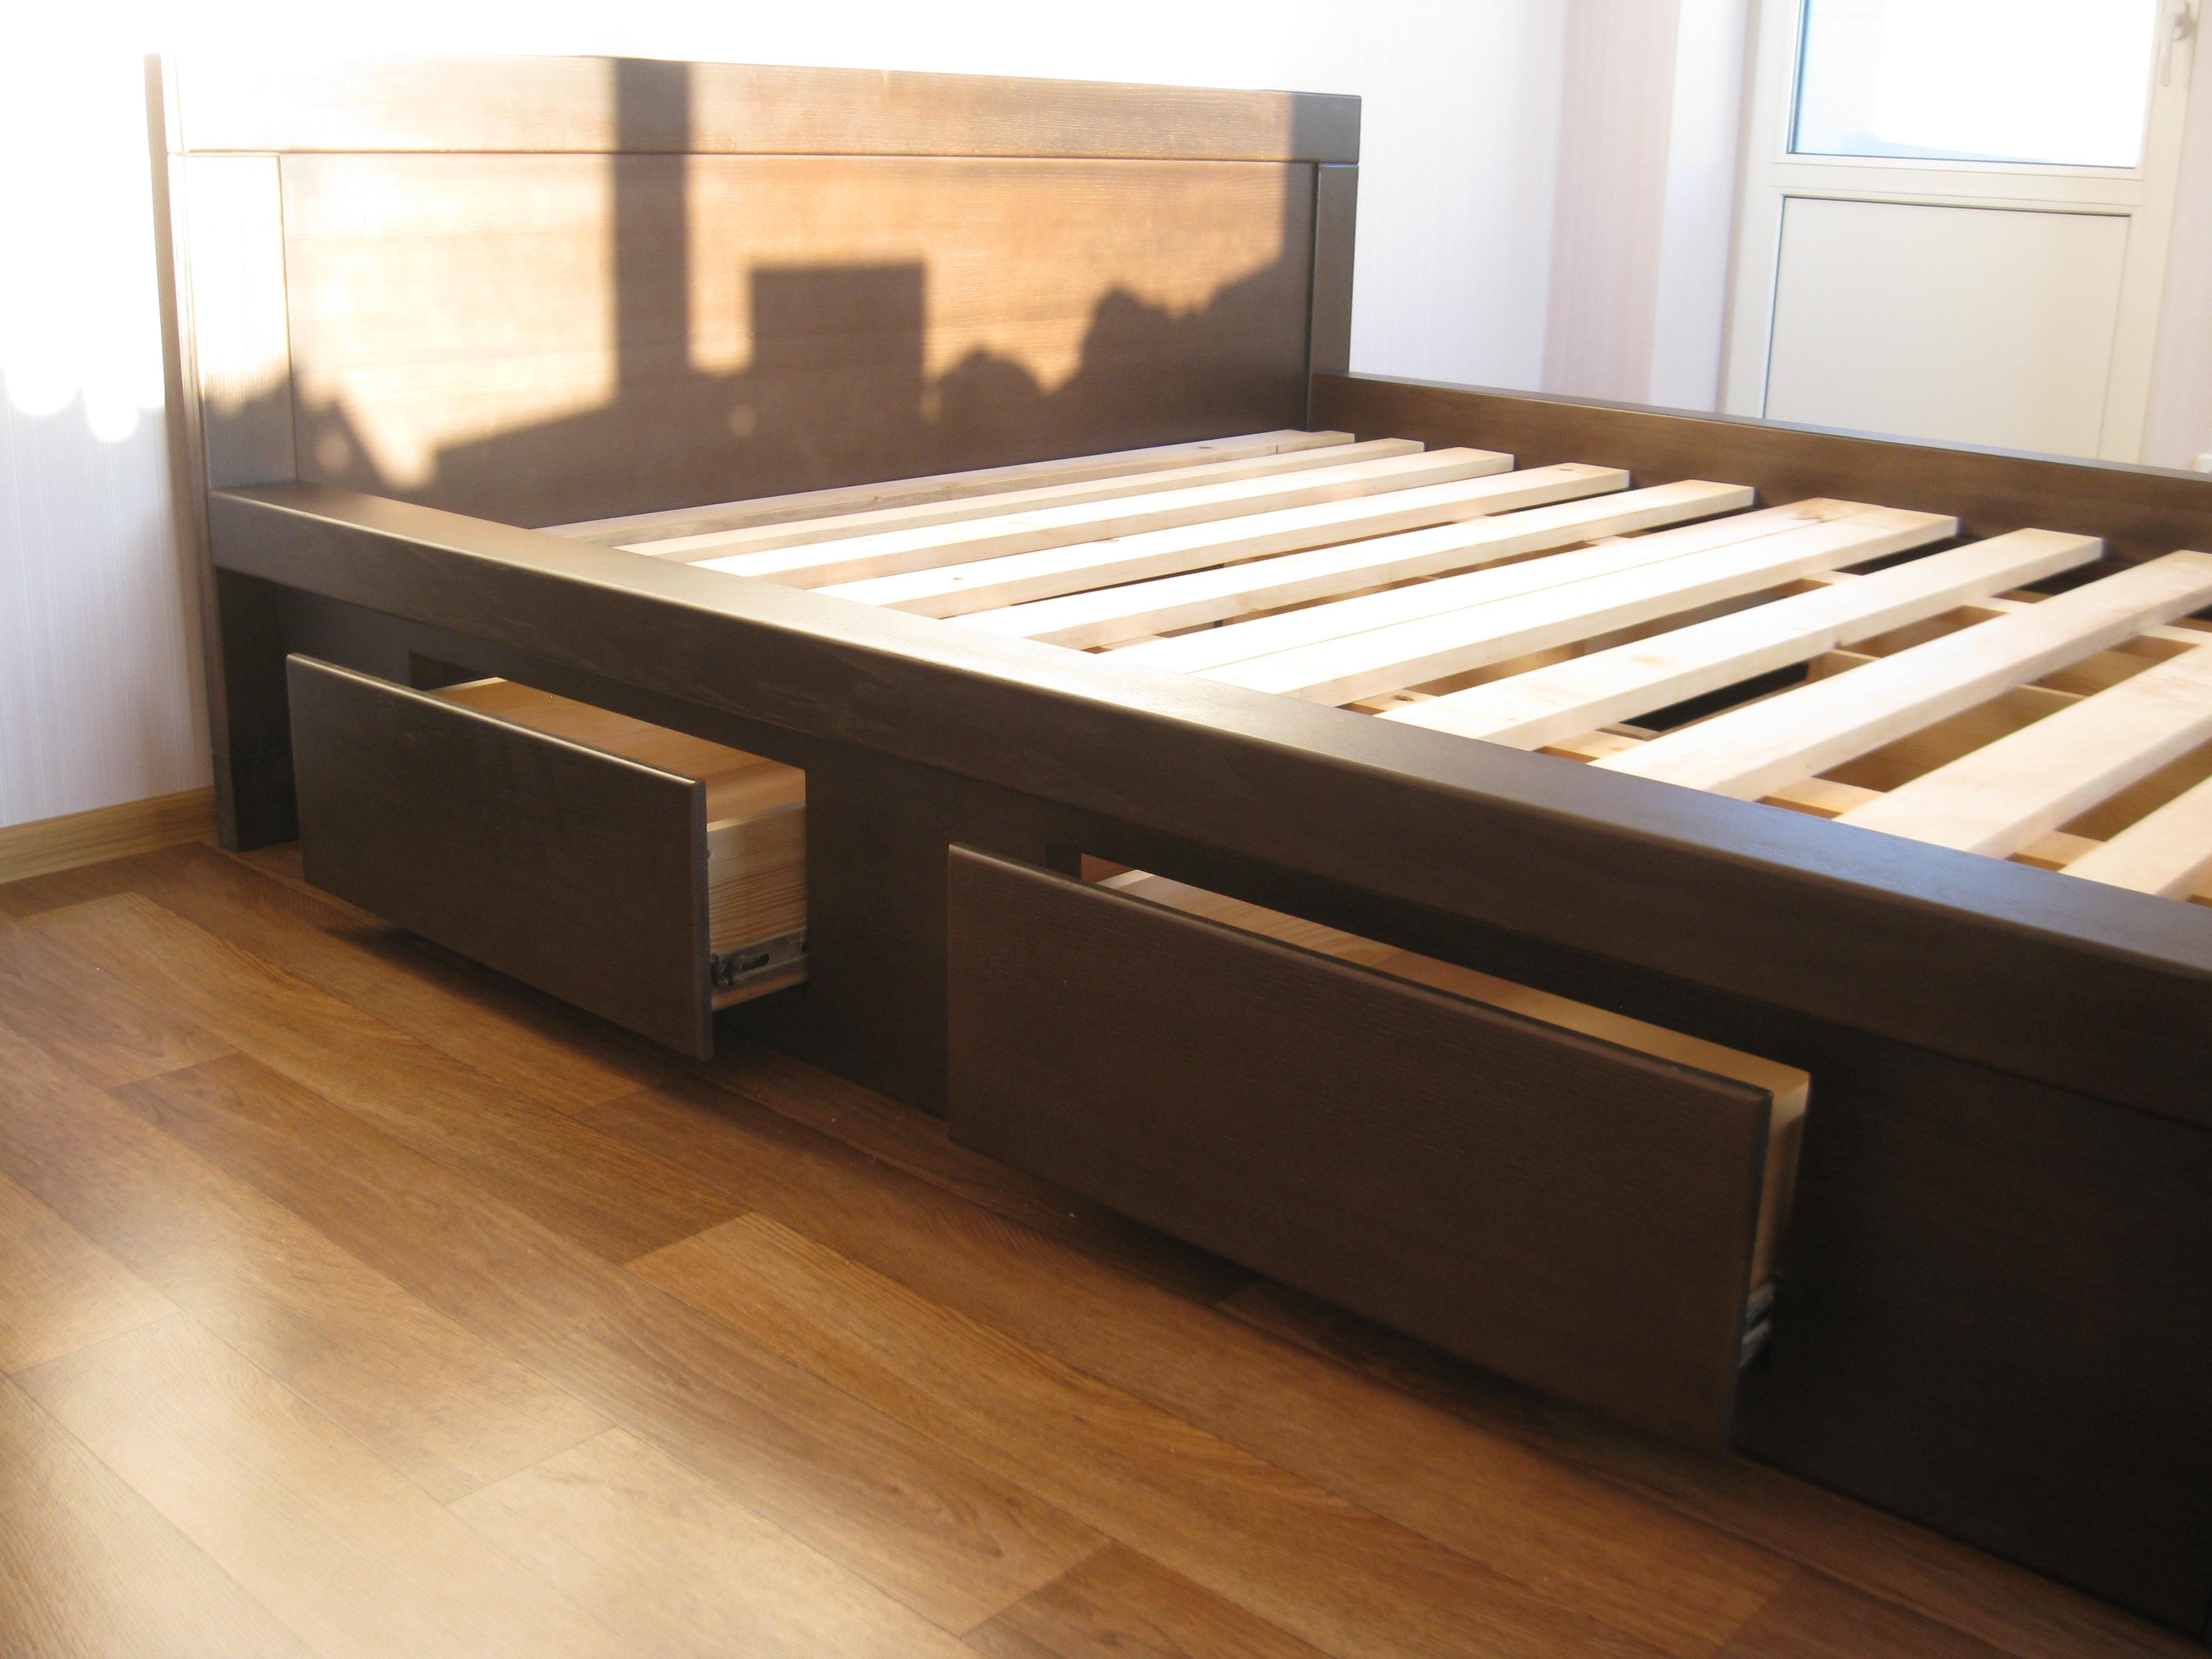 Фото днища металлической односпальной кровати красивые